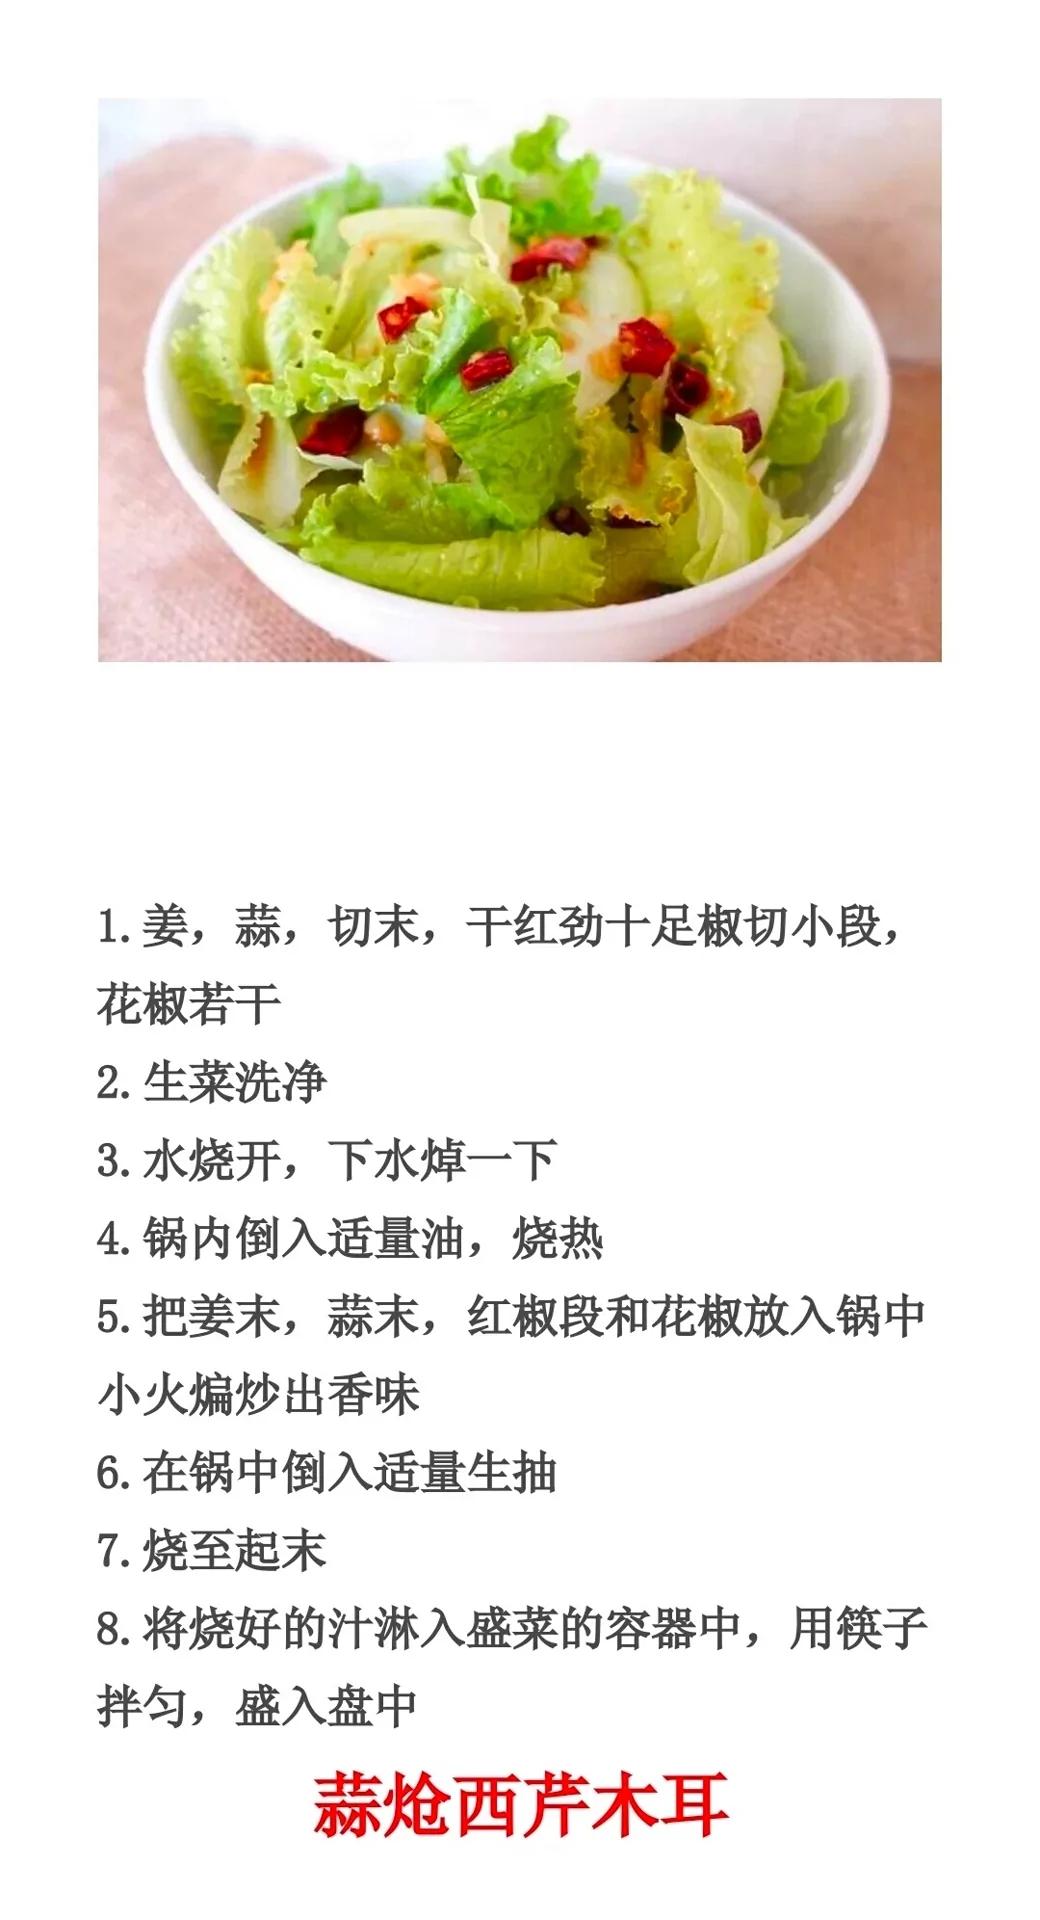 凉菜菜谱家常做法 美食做法 第9张